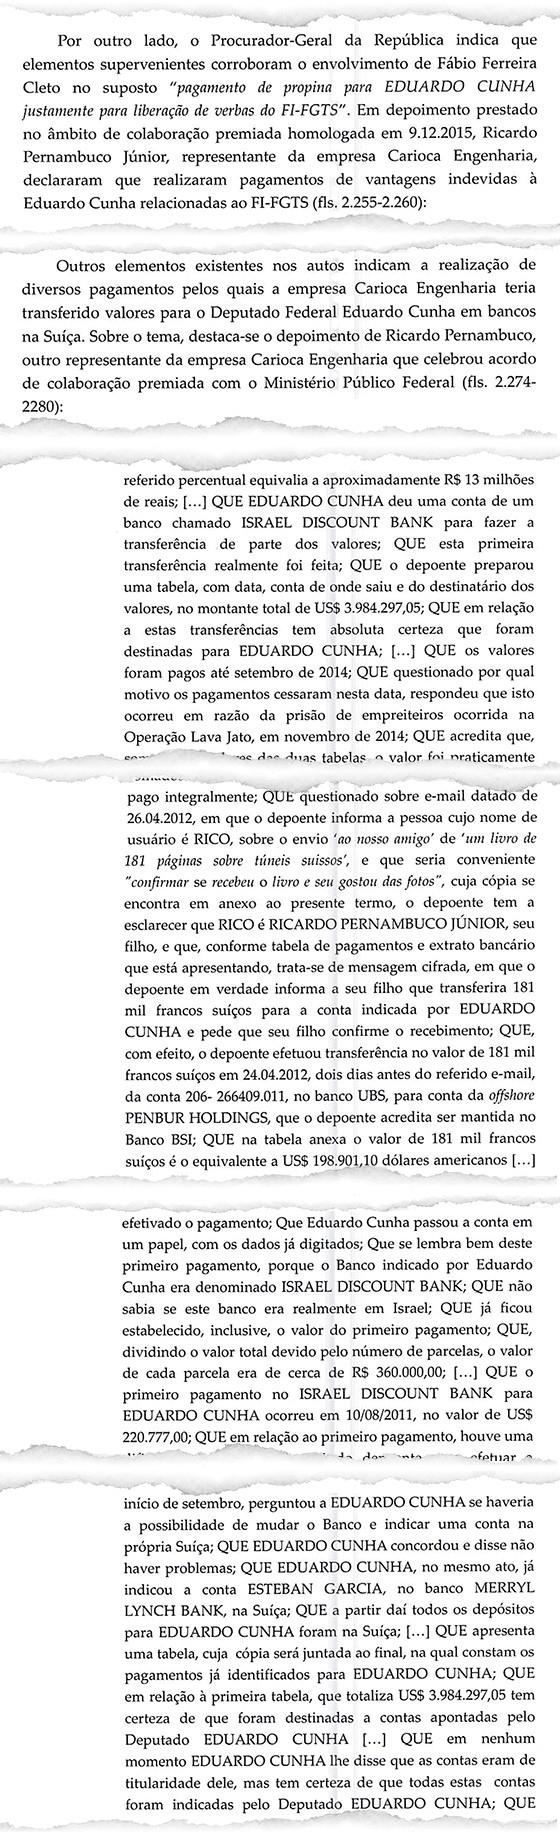 Documento obtido por ÉPOCA revela que novos delatores montaram uma rede de contas na Suíça e em Israel para pagar propina a Eduardo Cunha (Foto: Reprodução)